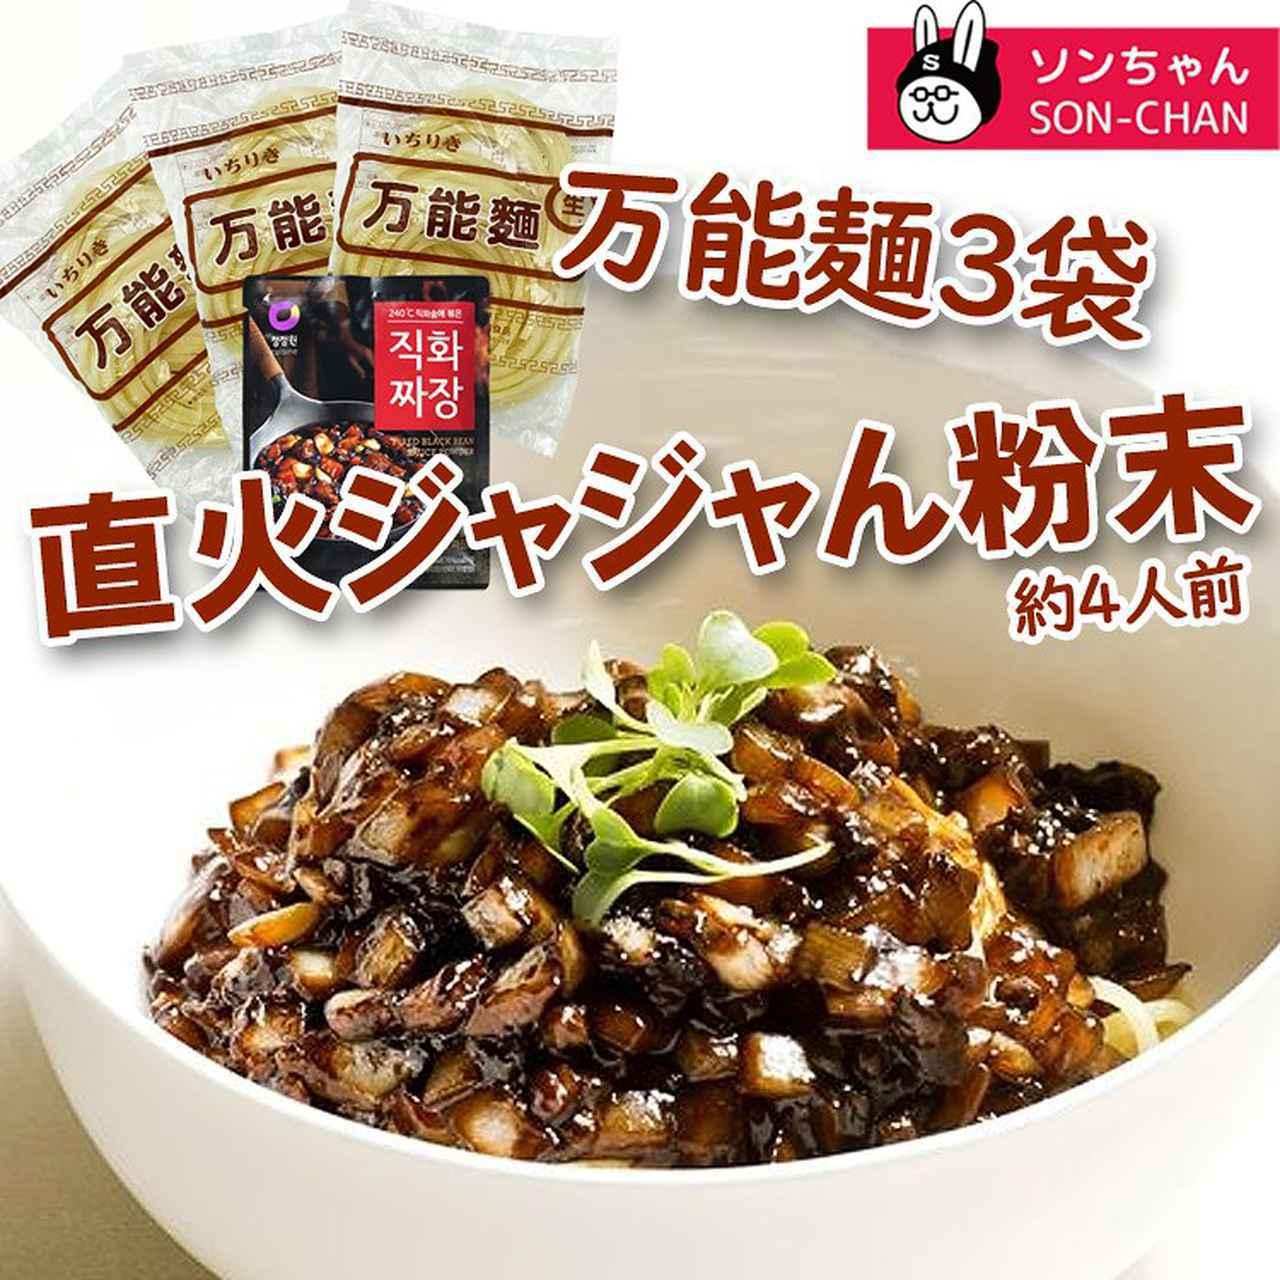 画像3: 万能麺+チャンポン/ジャジャン